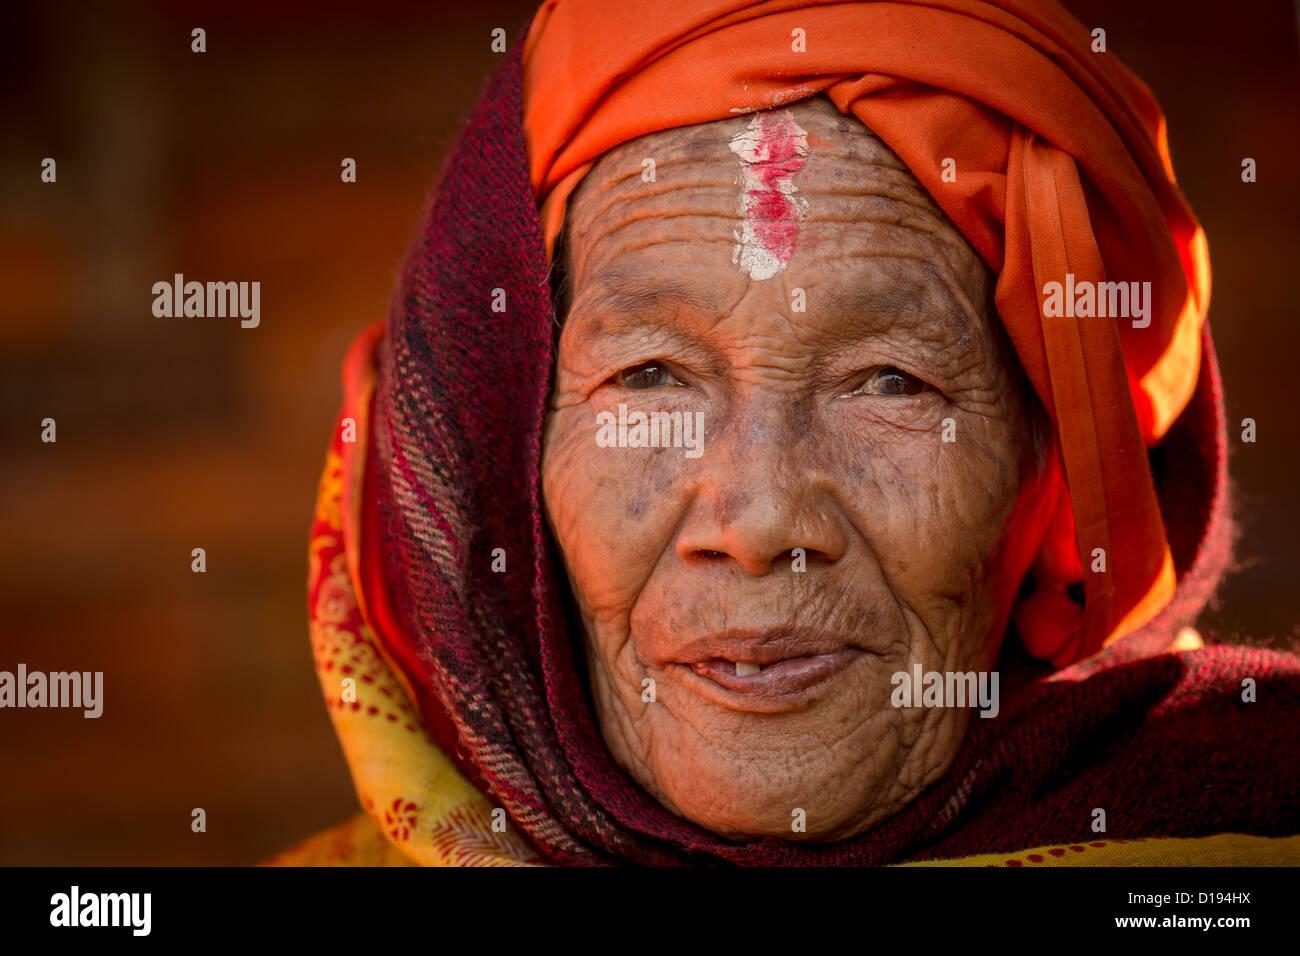 Female Sadhu, holy woman Pashupatinath, Kathmandu, Nepal - Stock Image